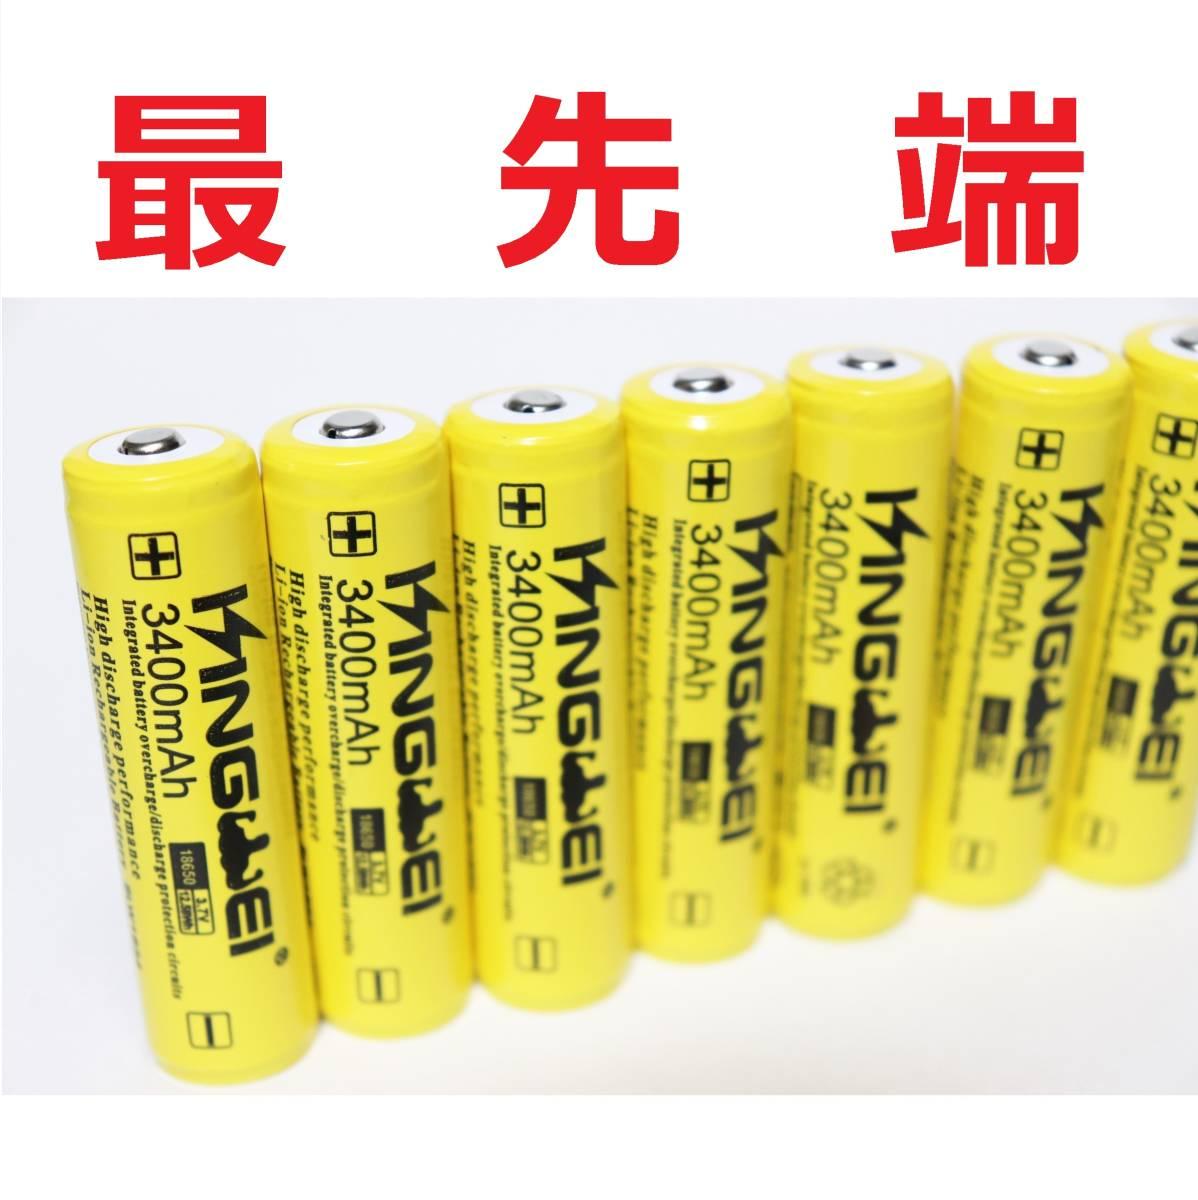 最新版 18650 経済産業省適合品 大容量 リチウムイオン 充電池 バッテリー 懐中電灯 ヘッドライト 02_画像1